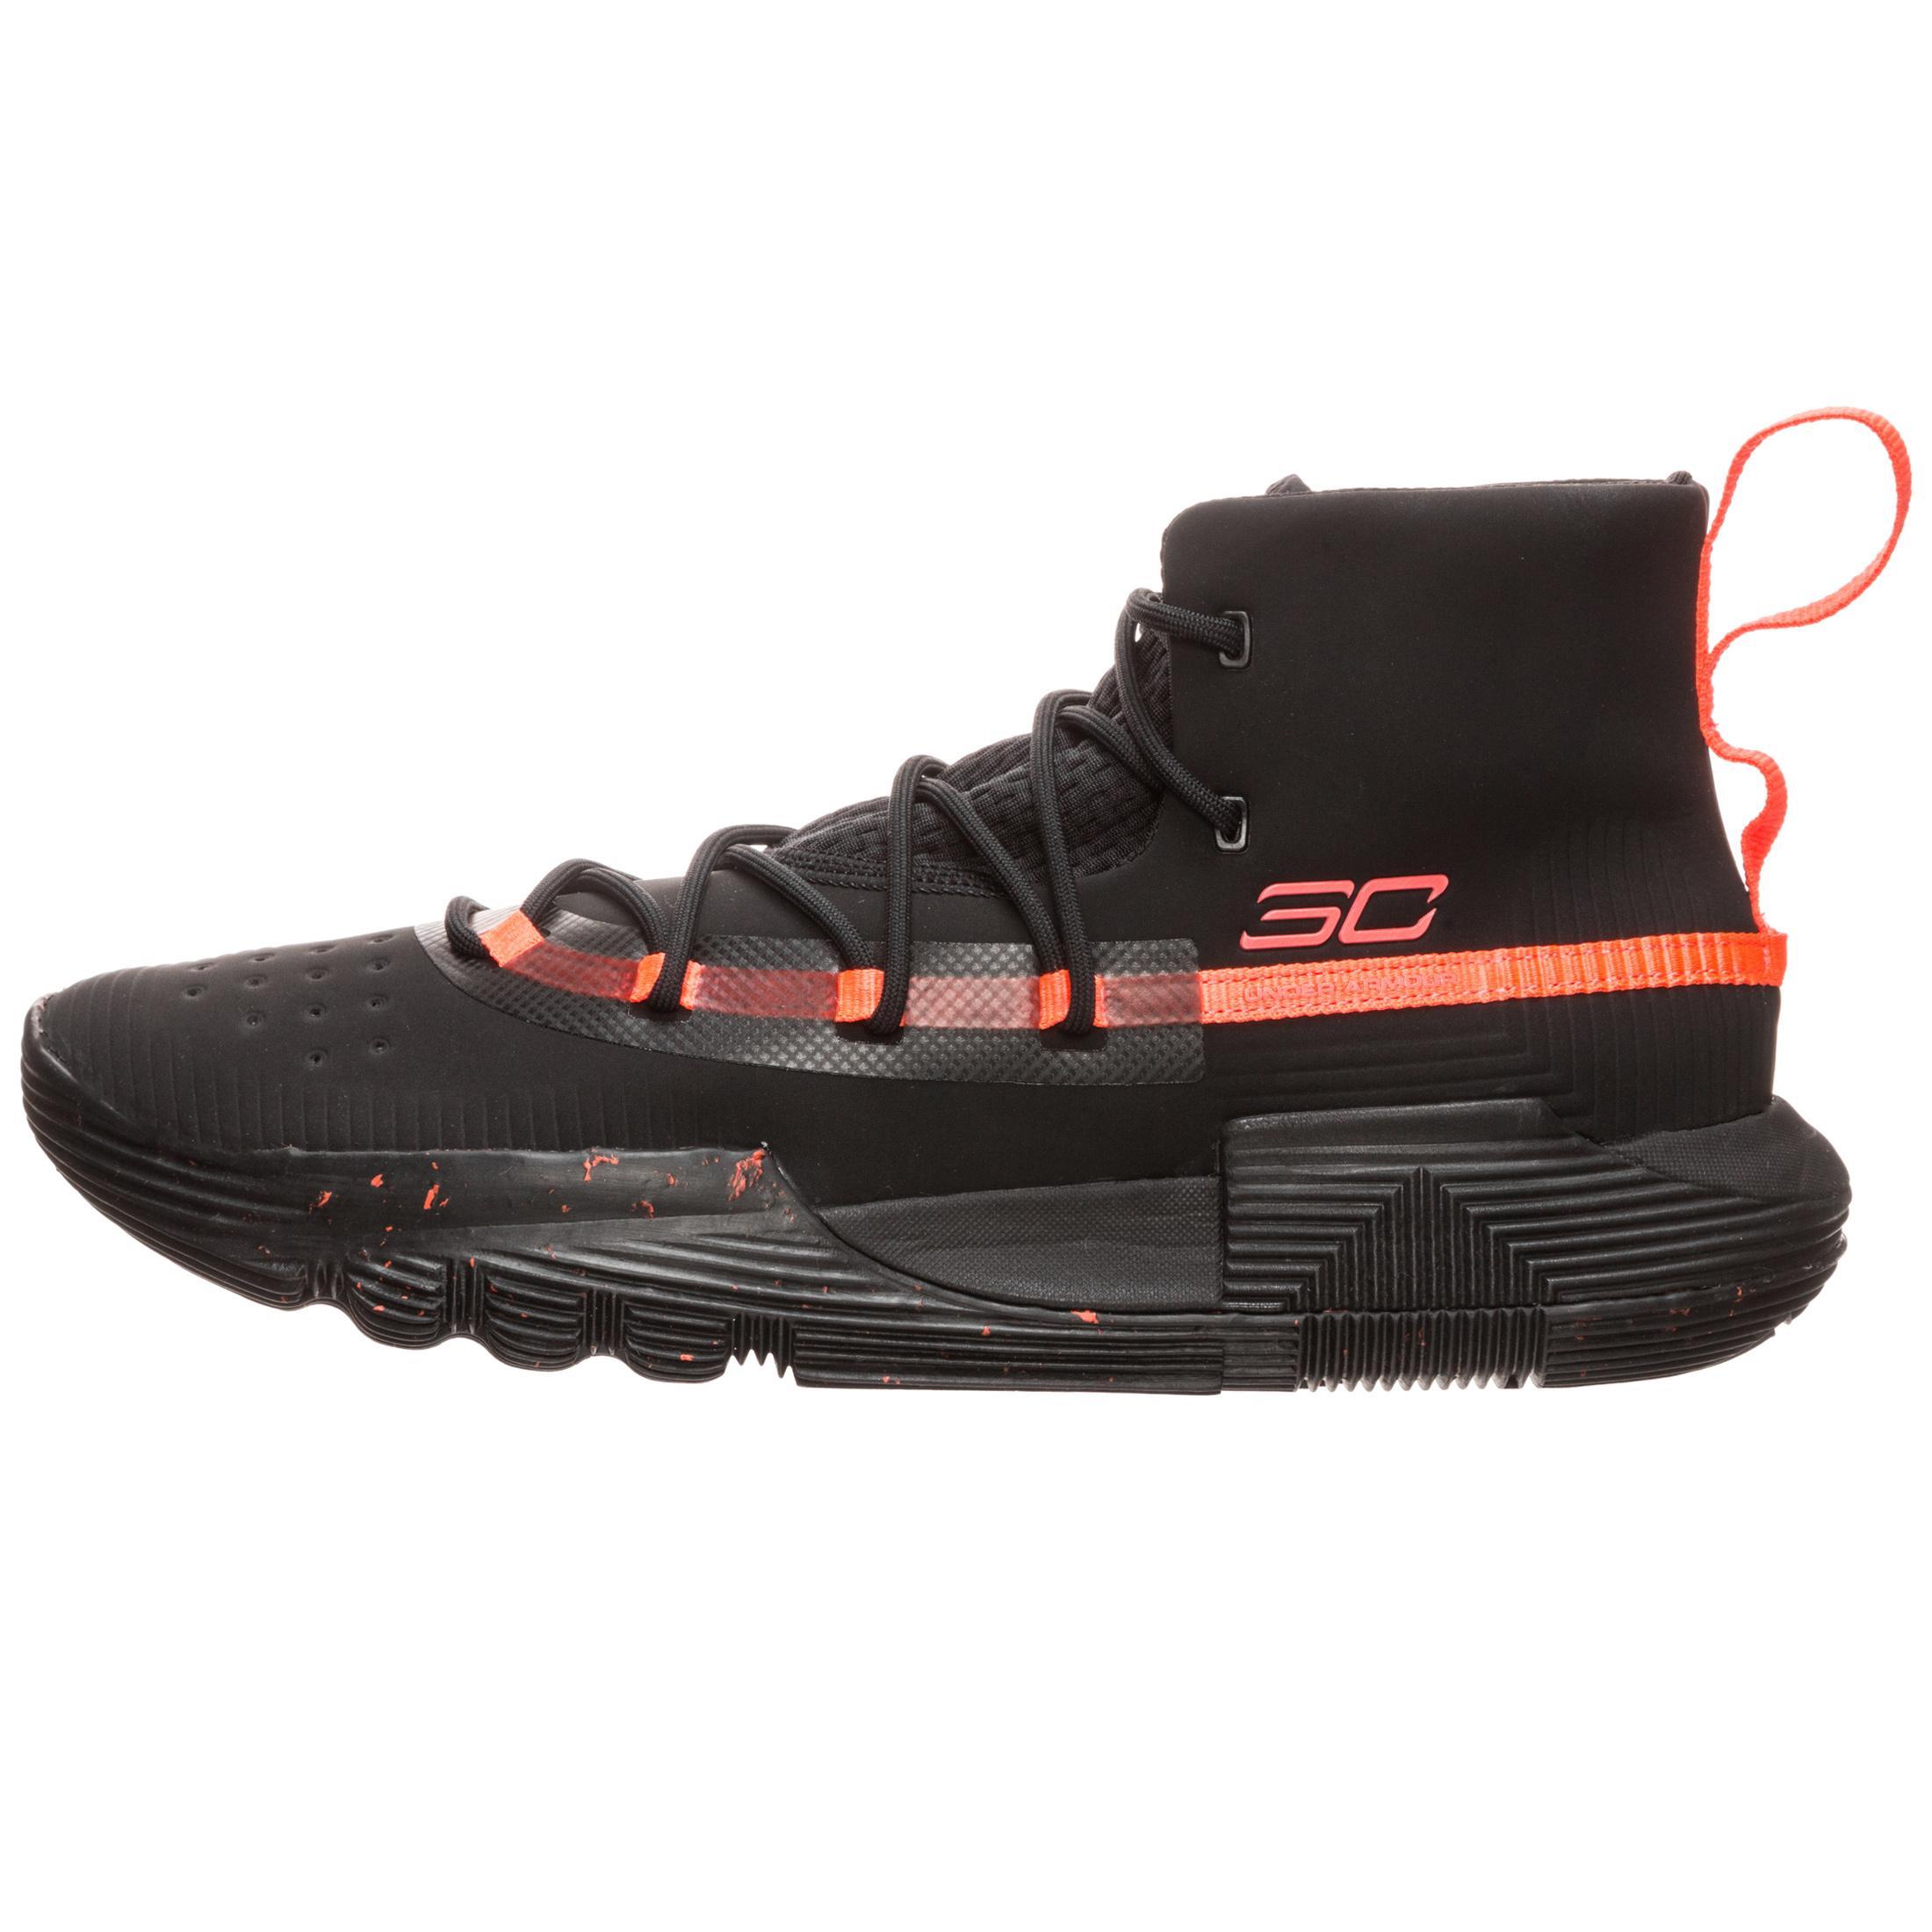 Under Armour SC 3Zero II Basketballschuhe Herren schwarz / weiß weiß weiß im Online Shop von SportScheck kaufen Gute Qualität beliebte Schuhe 20db0c